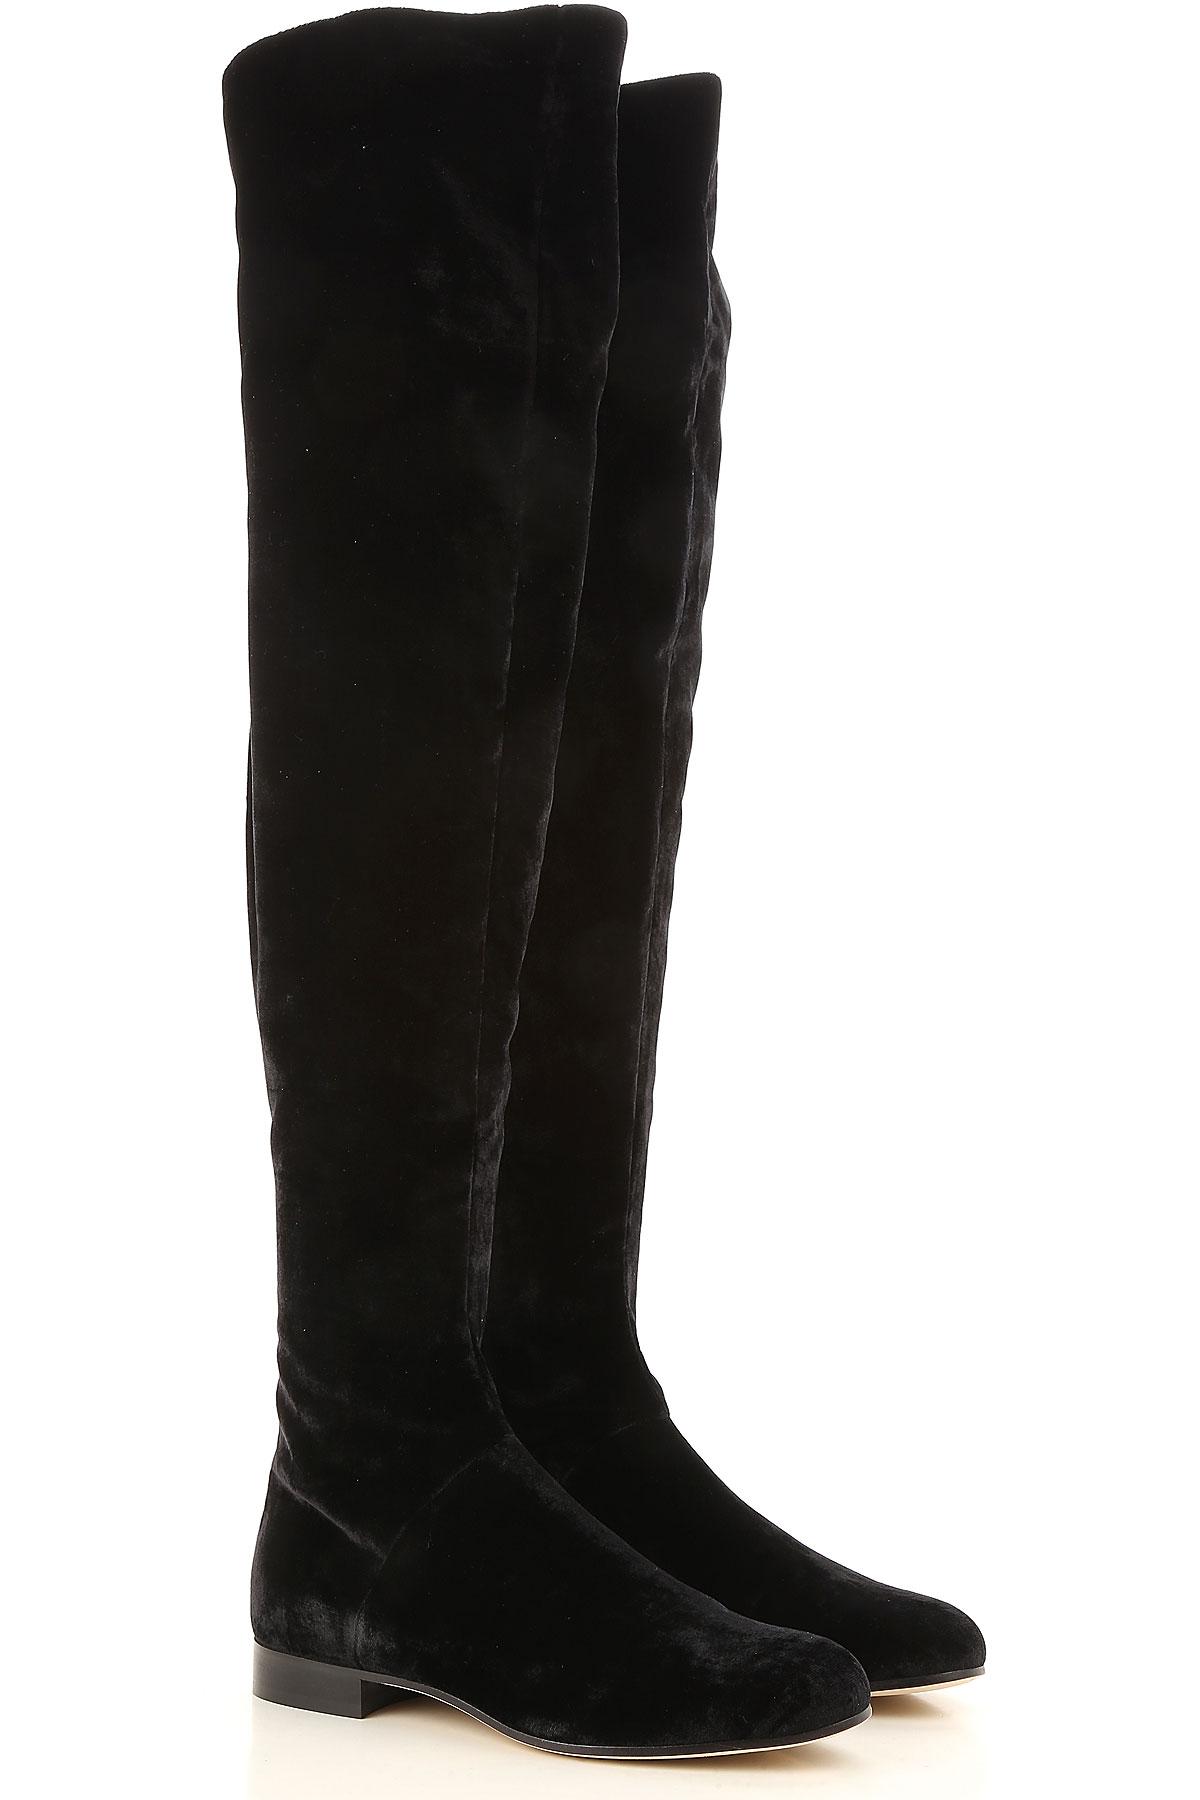 Image of Alberta Ferretti Boots for Women, Booties, Black, Velvet, 2017, 10 6 7 8 9